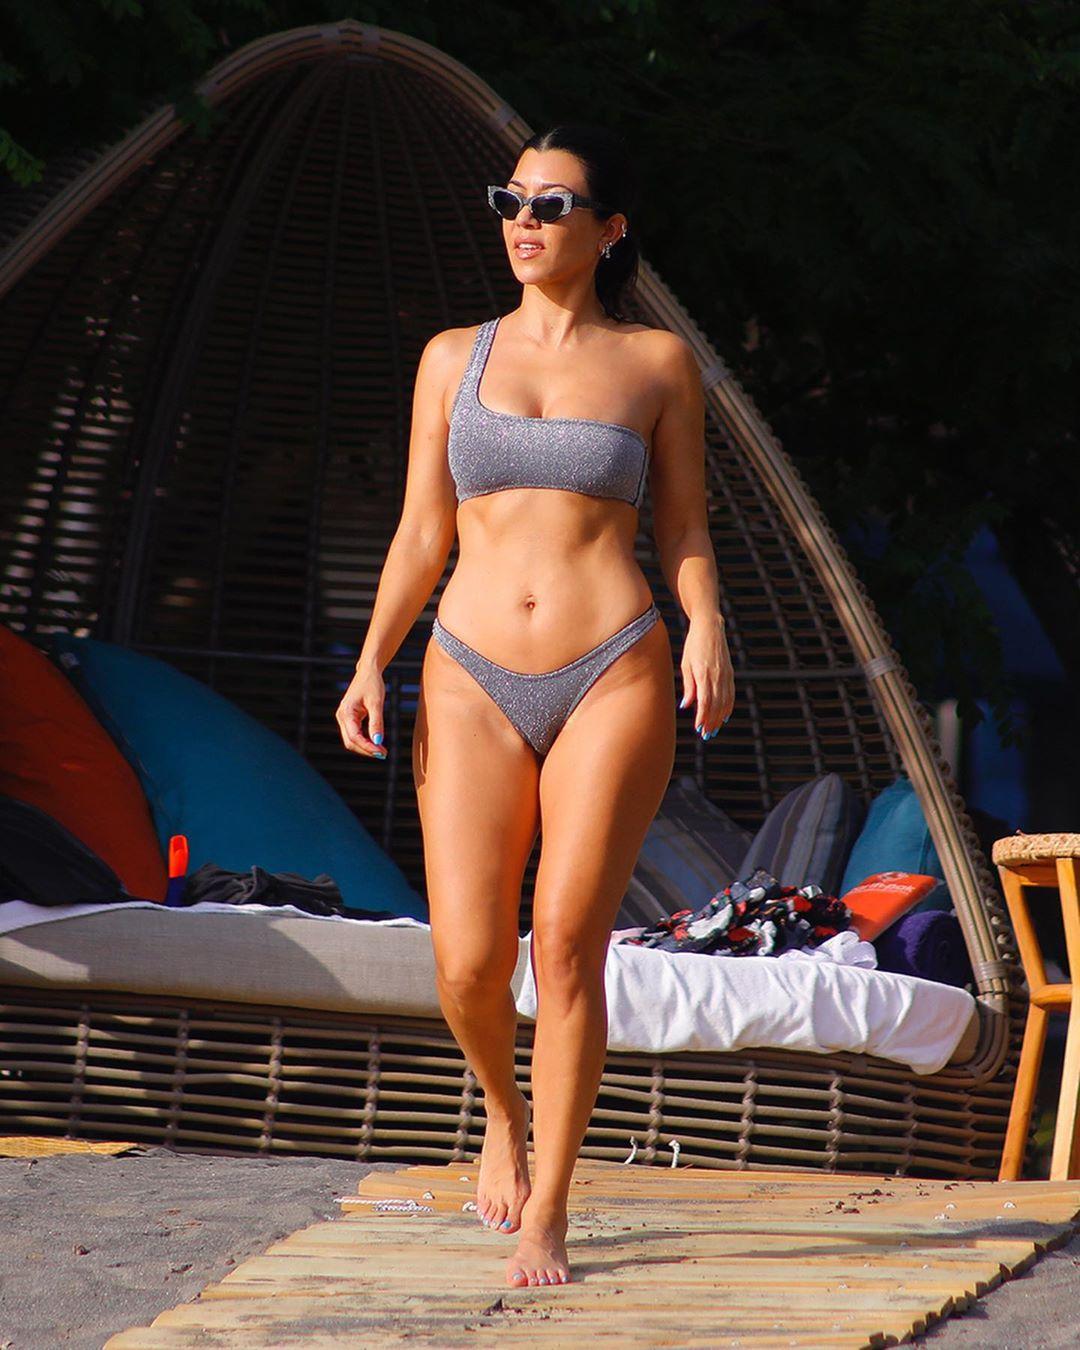 Kourtney Kardashian wearing Glittery grey bikini bottom